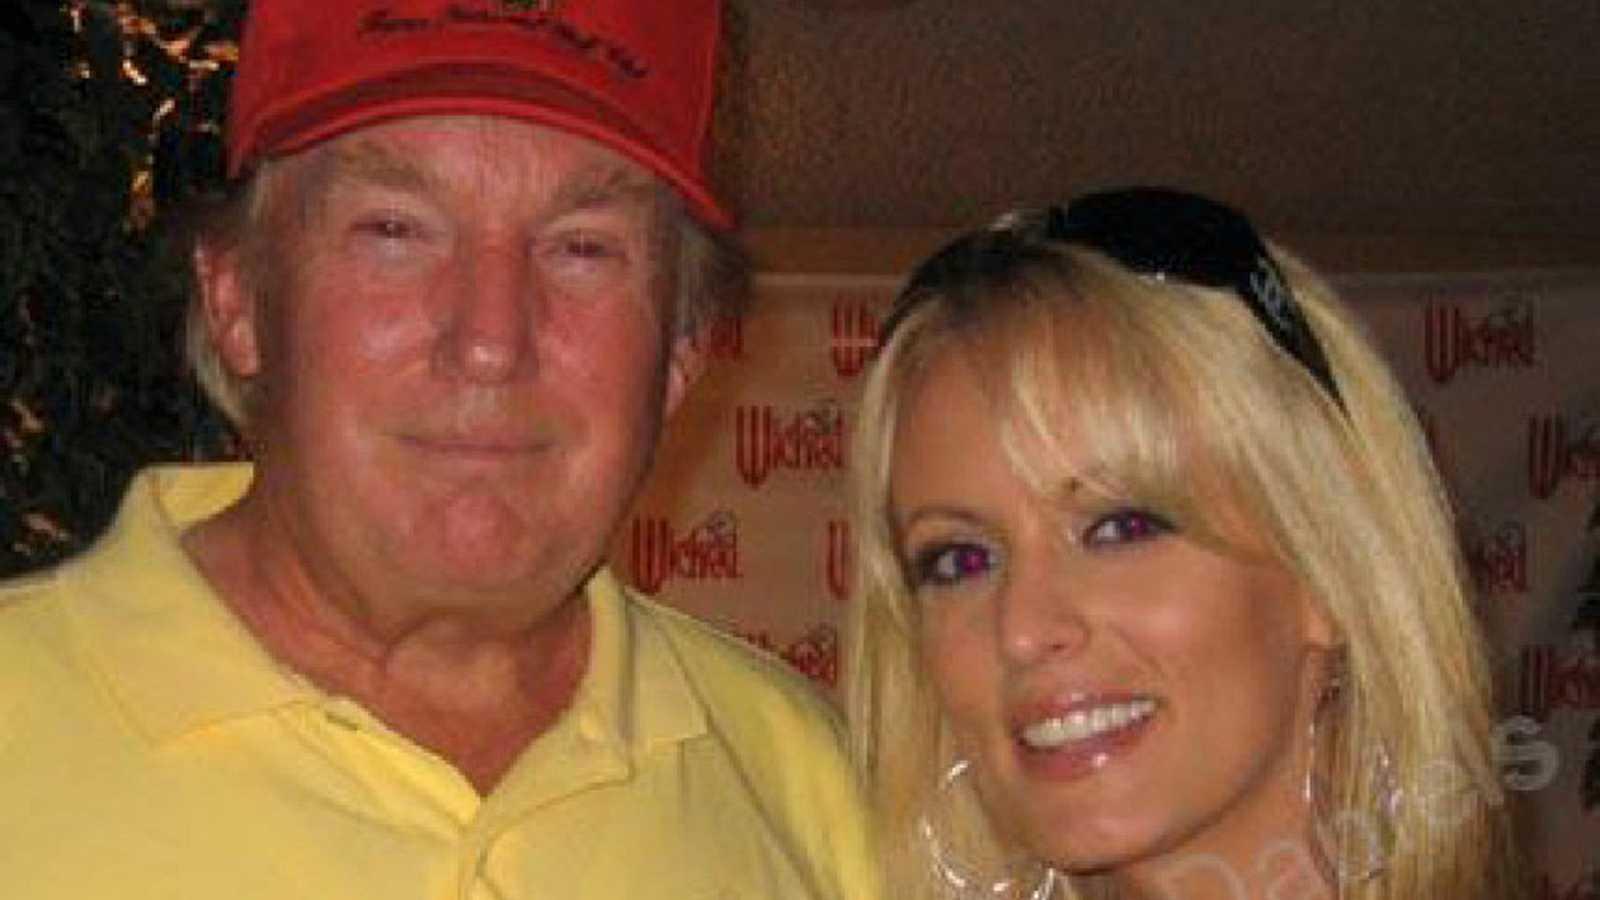 Actriz Porno Decibe trump pagó a una actriz porno 130.000 dólares por su silencio, según el wsj